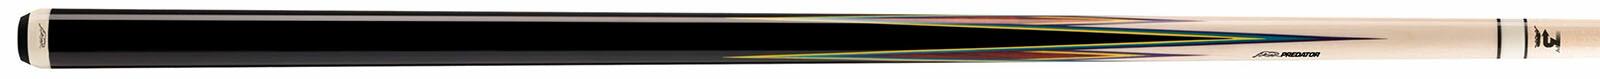 プレデター キュー SP8NWM (314-3シャフト装備)